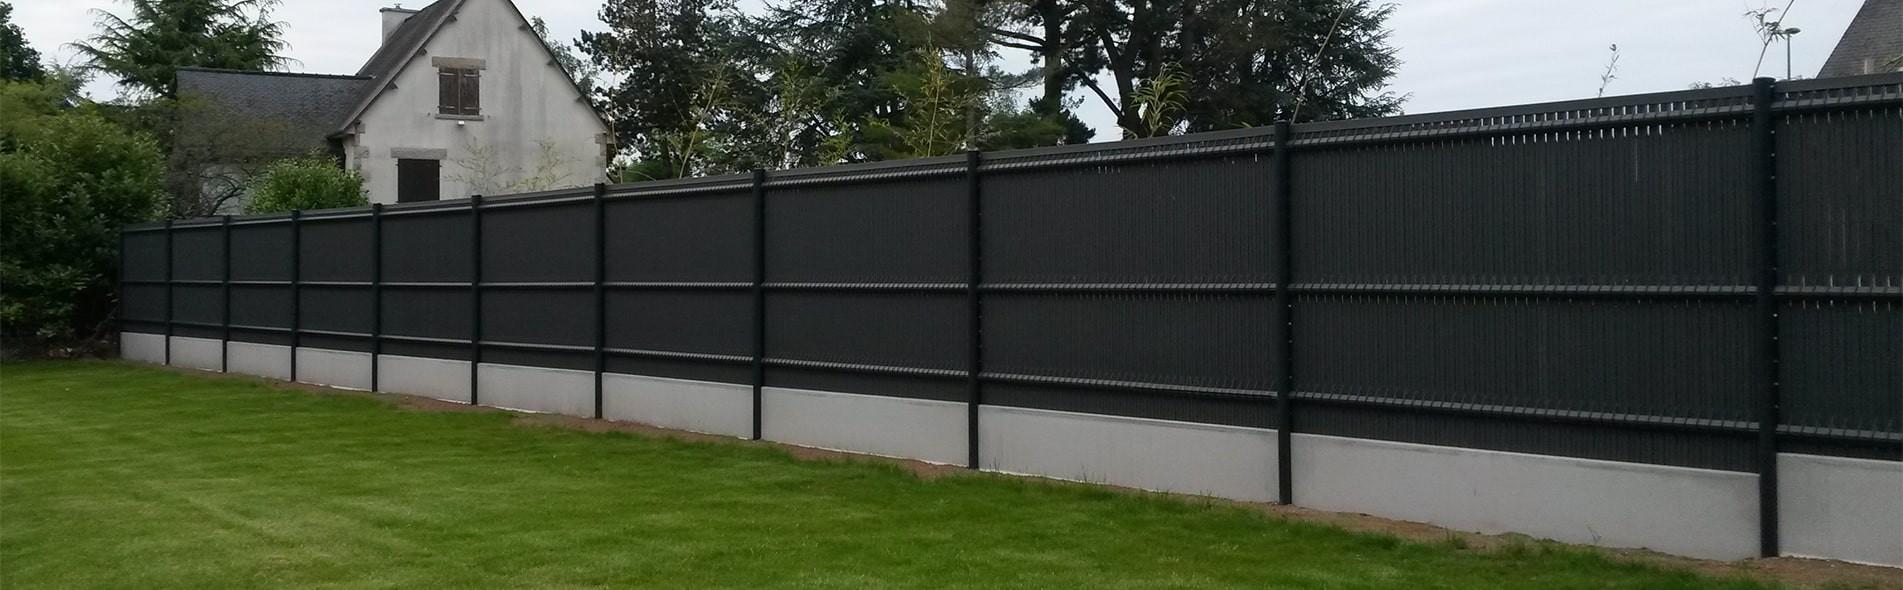 Vente De Clôtures Rigides (Pvc, Alu) Grillages & Portails dedans Grillage De Jardin Rigide